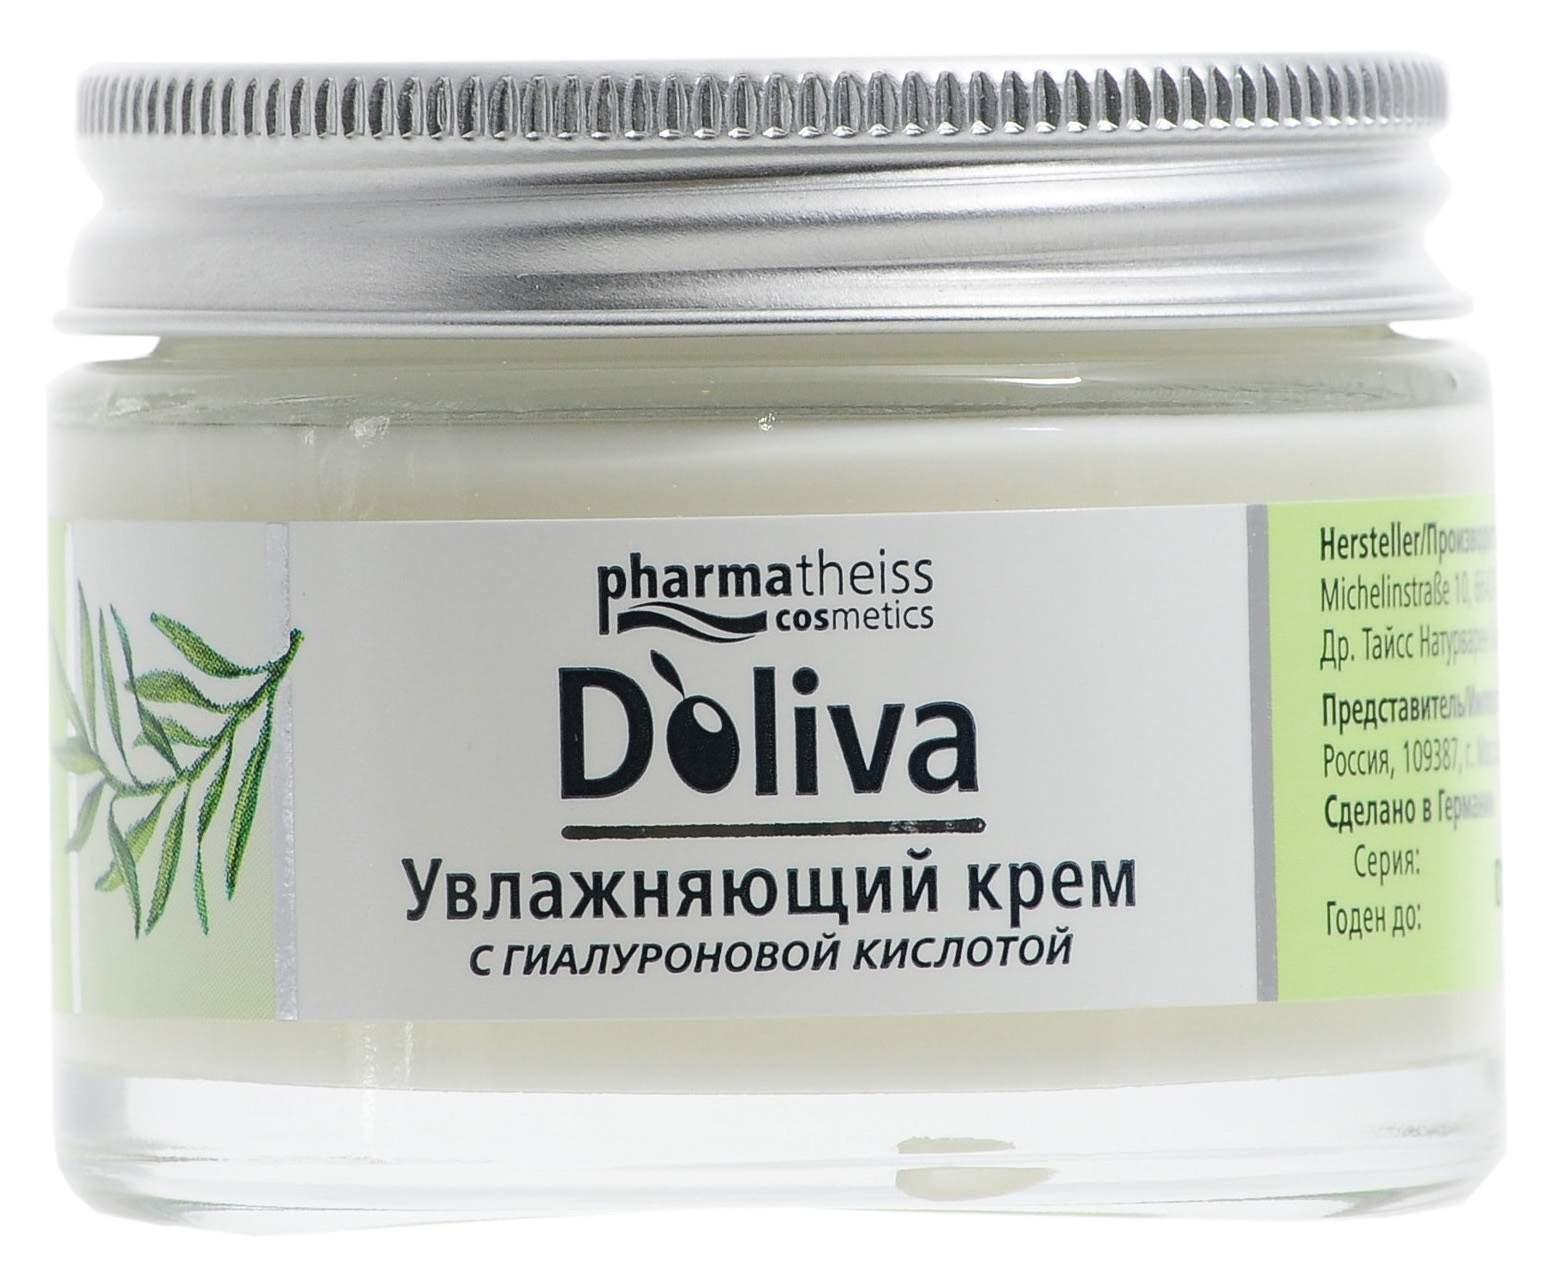 Косметика doliva в москве купить купить профессиональную косметику make up atelier